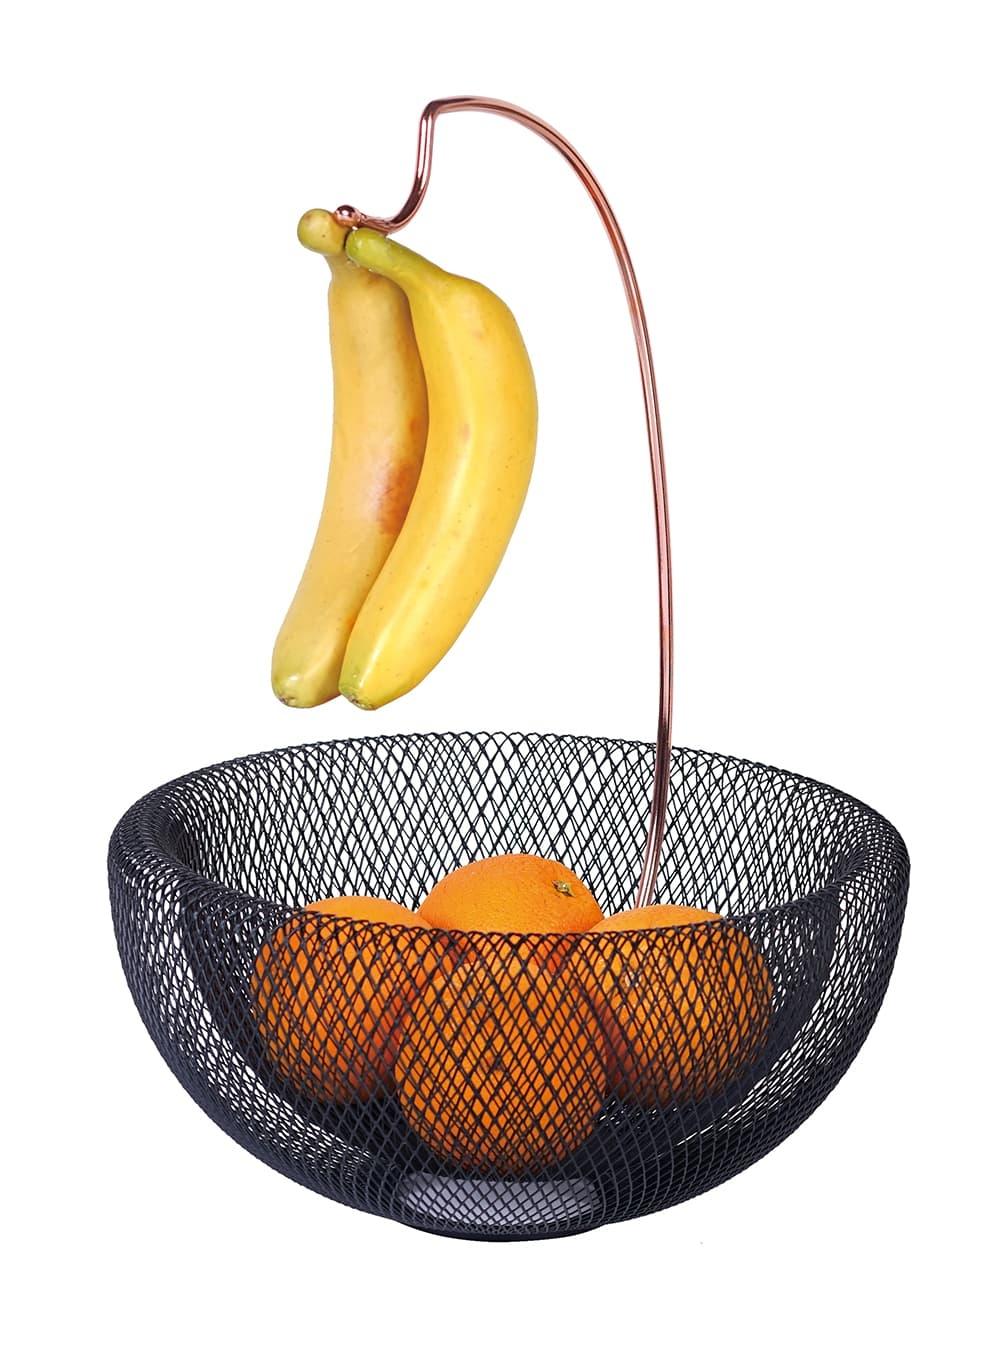 Fructiera cu suport pentru banane, din metal, Ø29,5xH42 cm, Black Rose